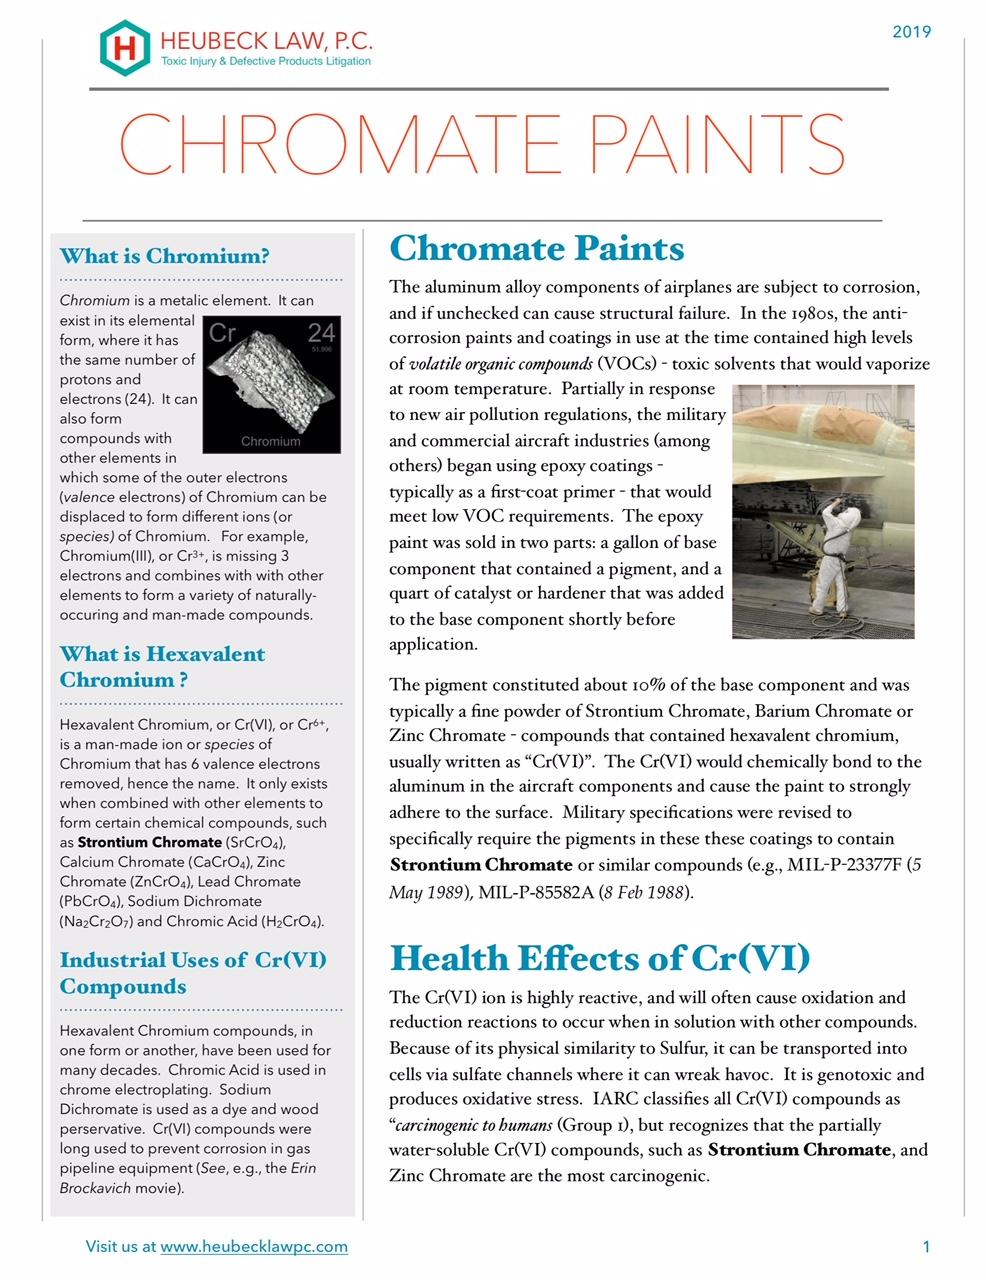 Chromate Paints